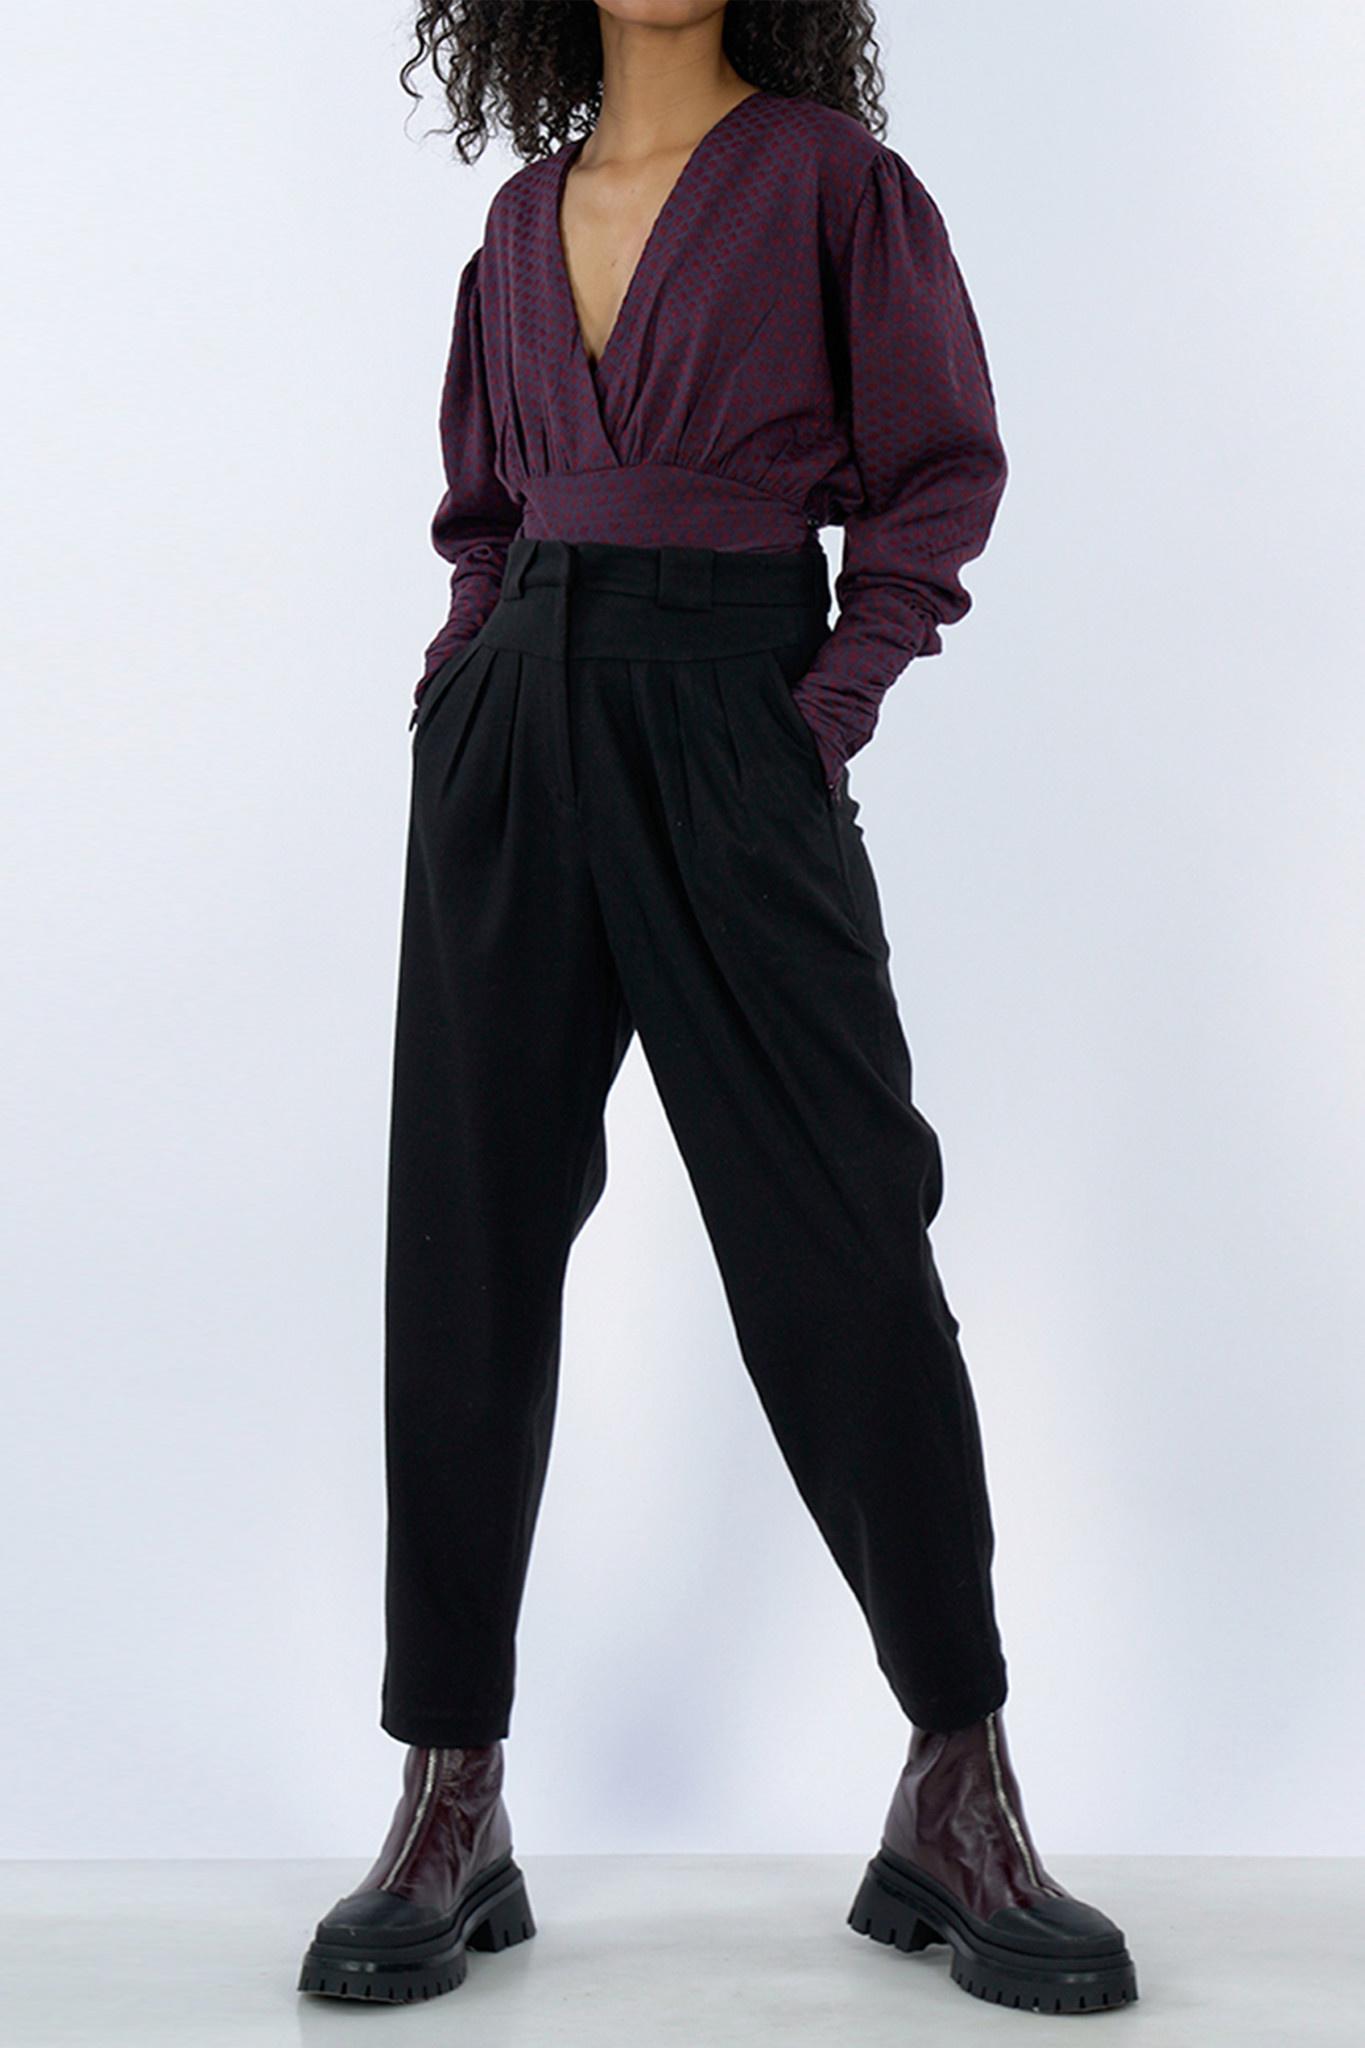 Persia Pants - Black-1